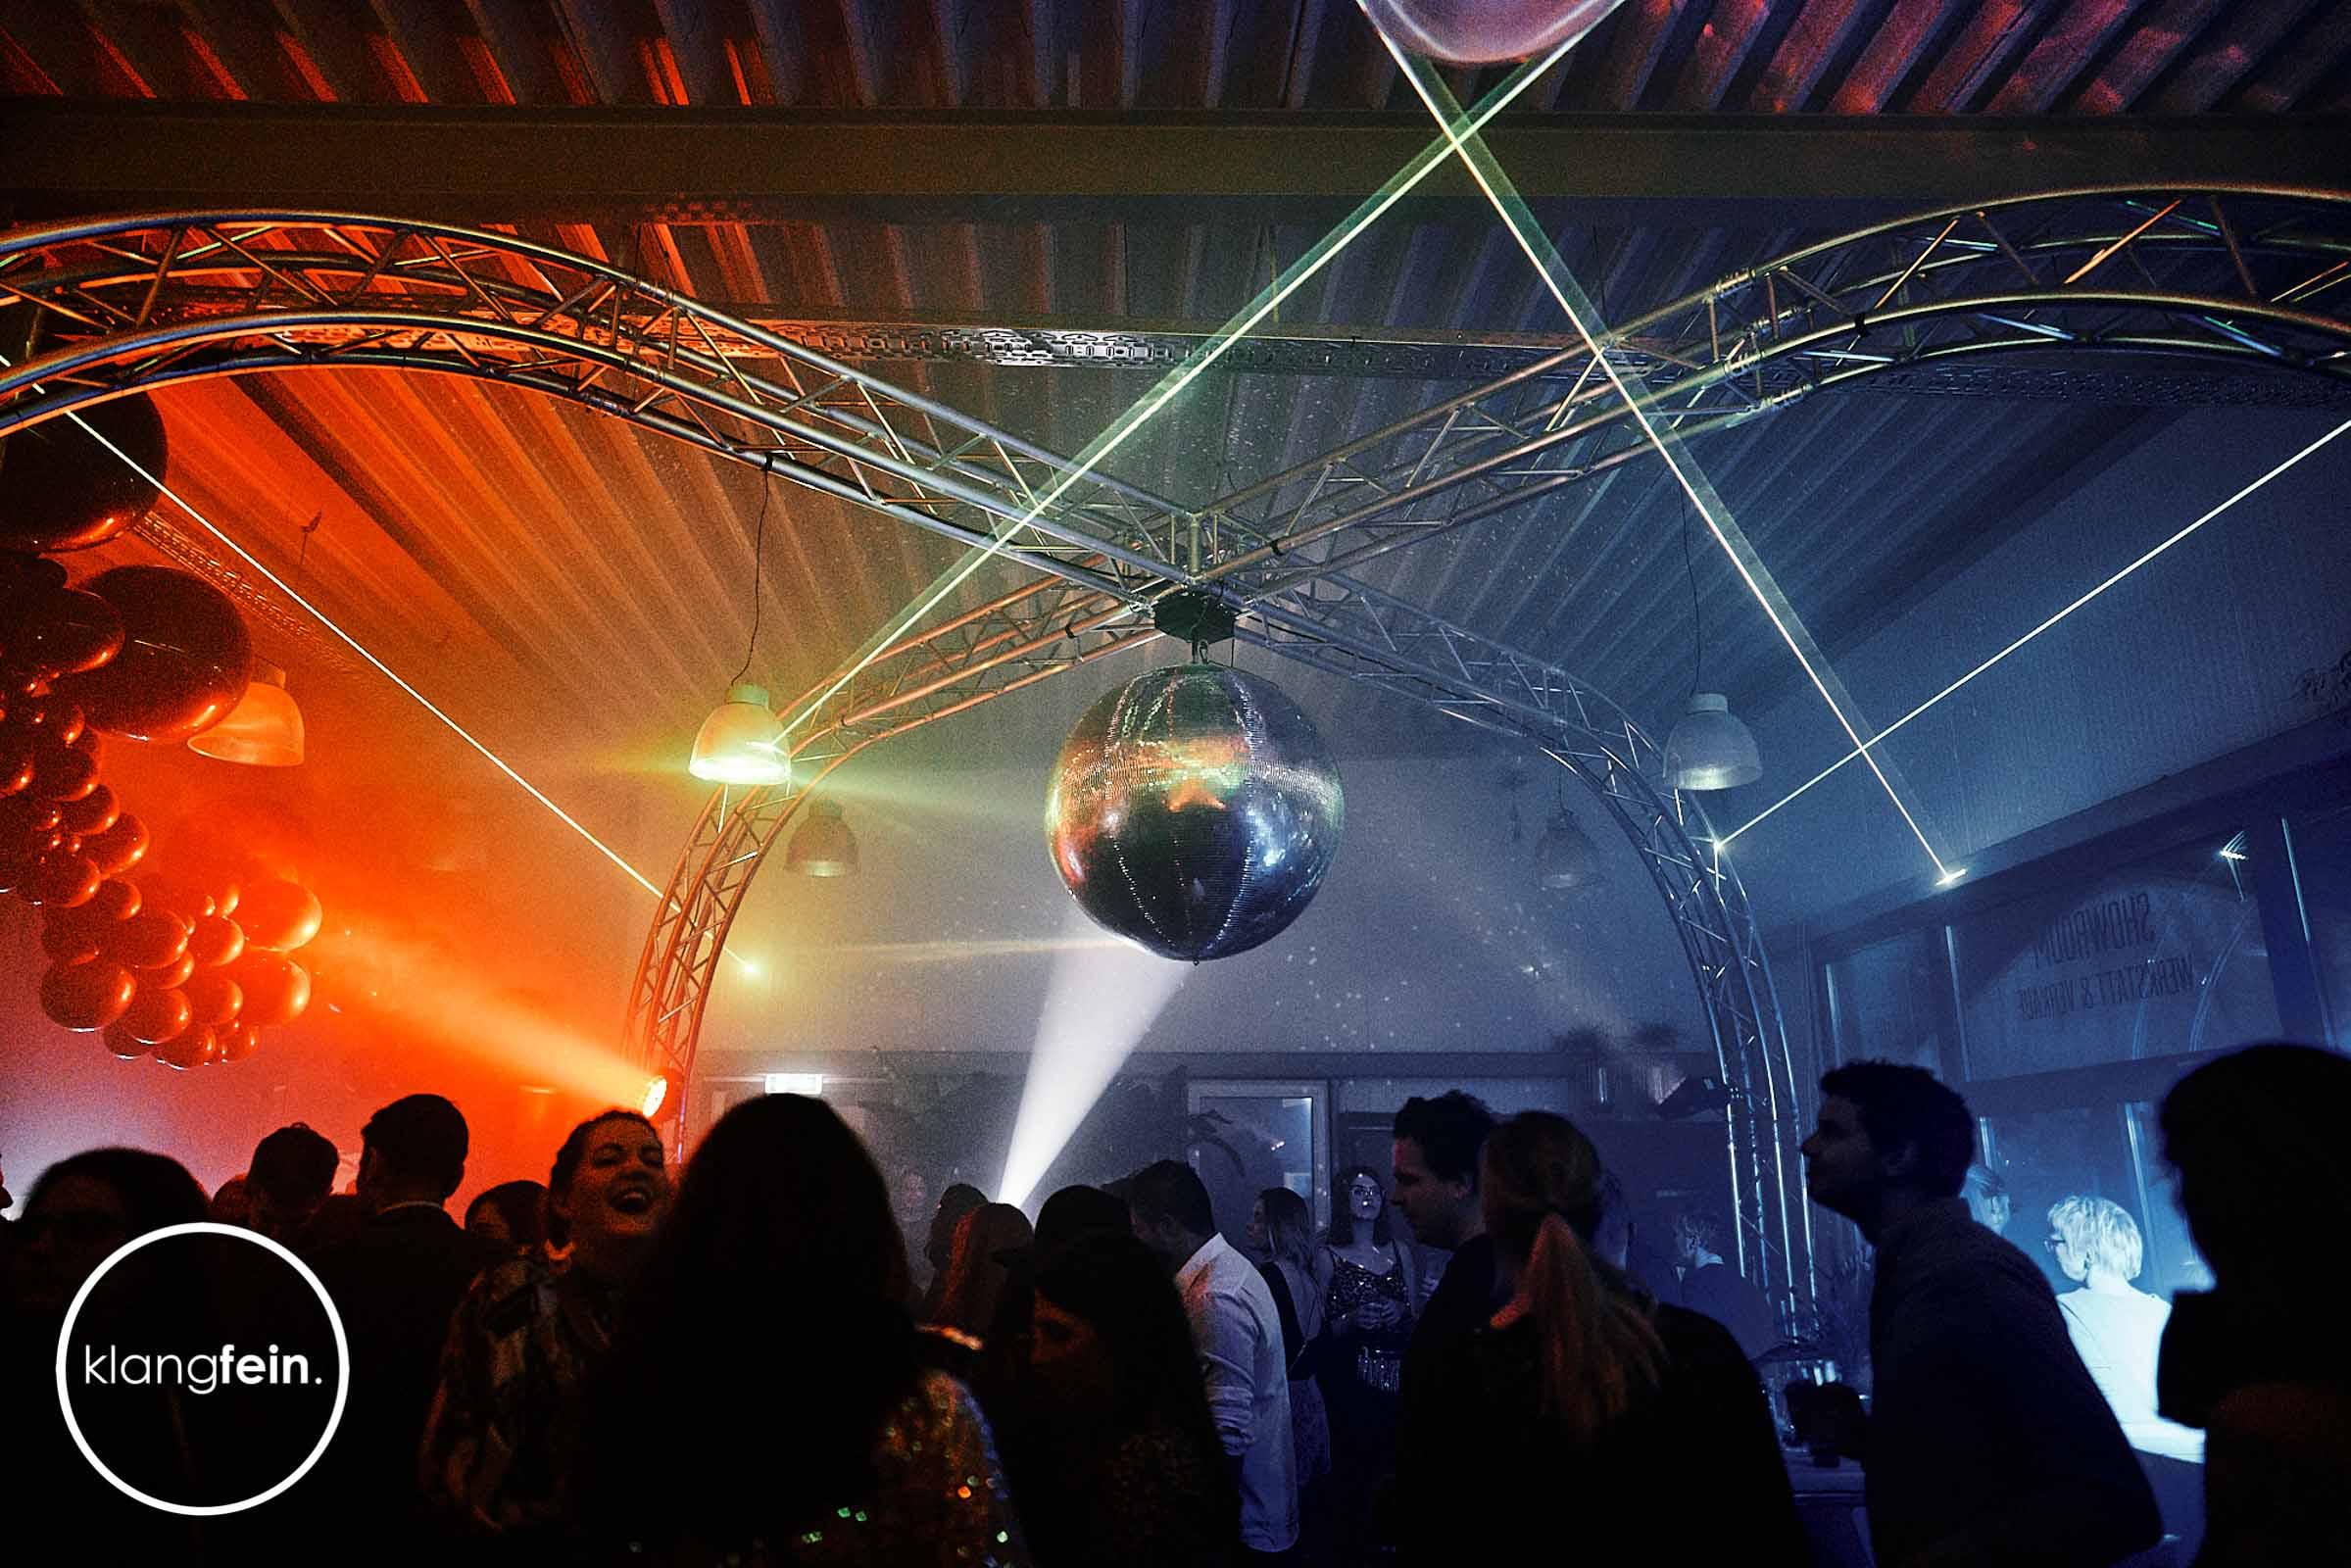 Lichttechnik   Hannover   Lasershow   Showlaser   Light   Show   Laser   Beleuchtung   Lichtanlage   Konzertbeleuchtung   Bühnenlicht   Messe   Projektion   Gobo   Stroboskope   Schwarzlicht   Lichtpulte   Buchen   Mieten   Anfragen